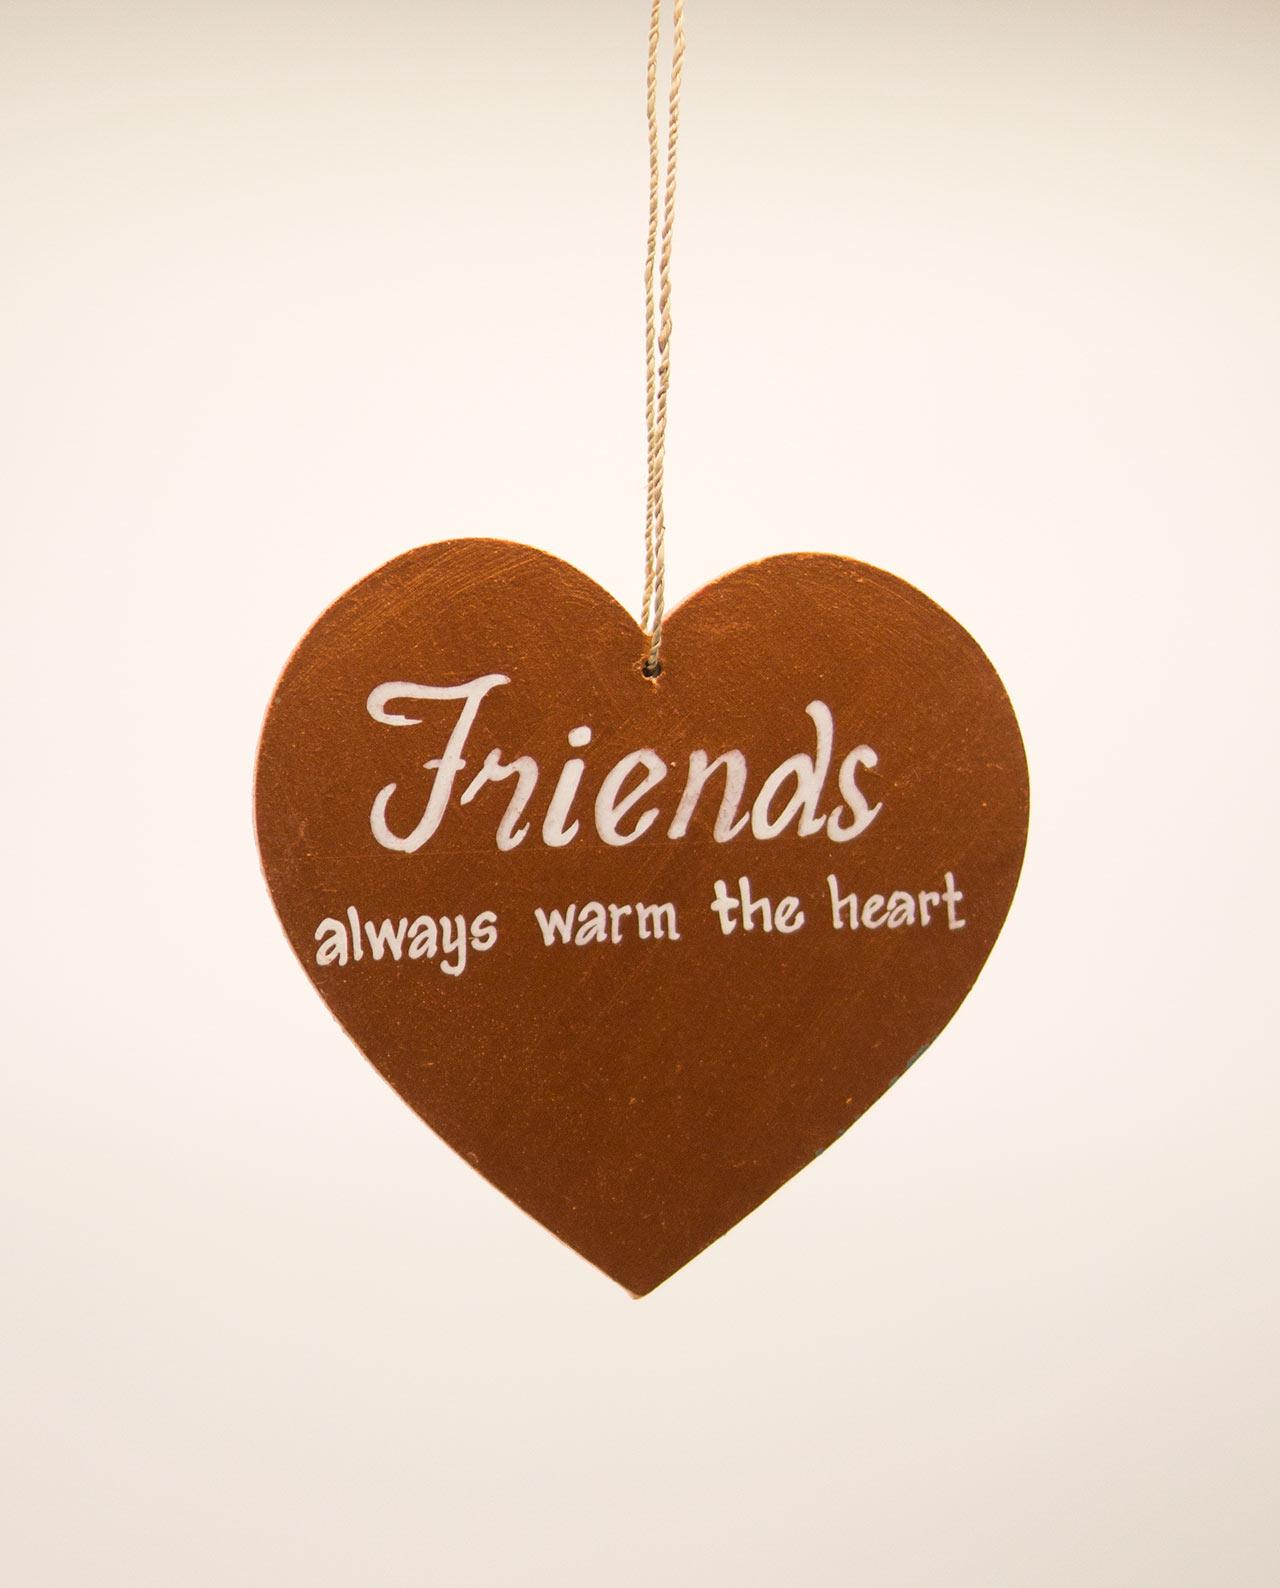 Καρδιά ξύλινη χειροποίητη της φιλίας διάμετρος 15 cm χρυσή